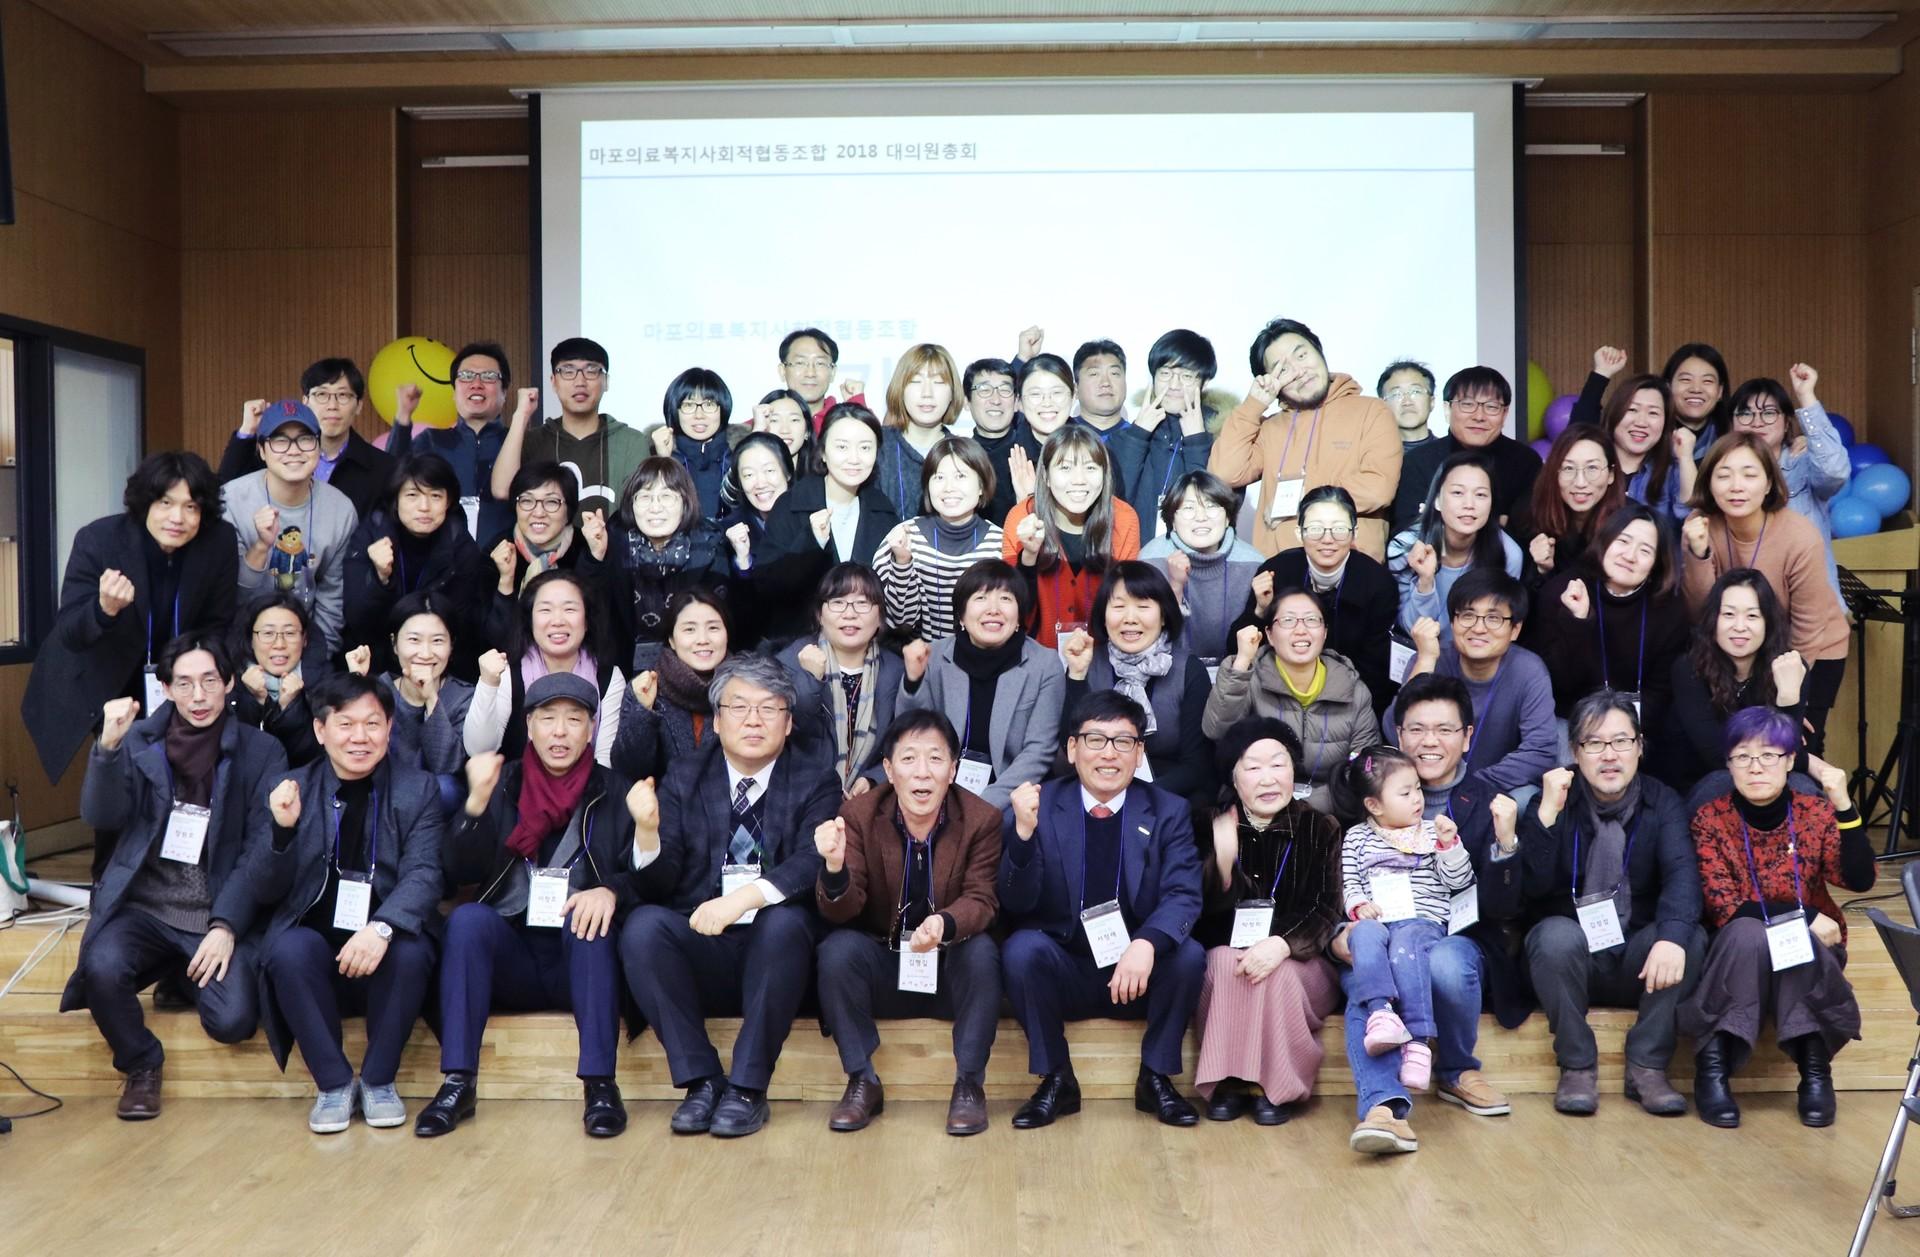 2018년 총회 사진